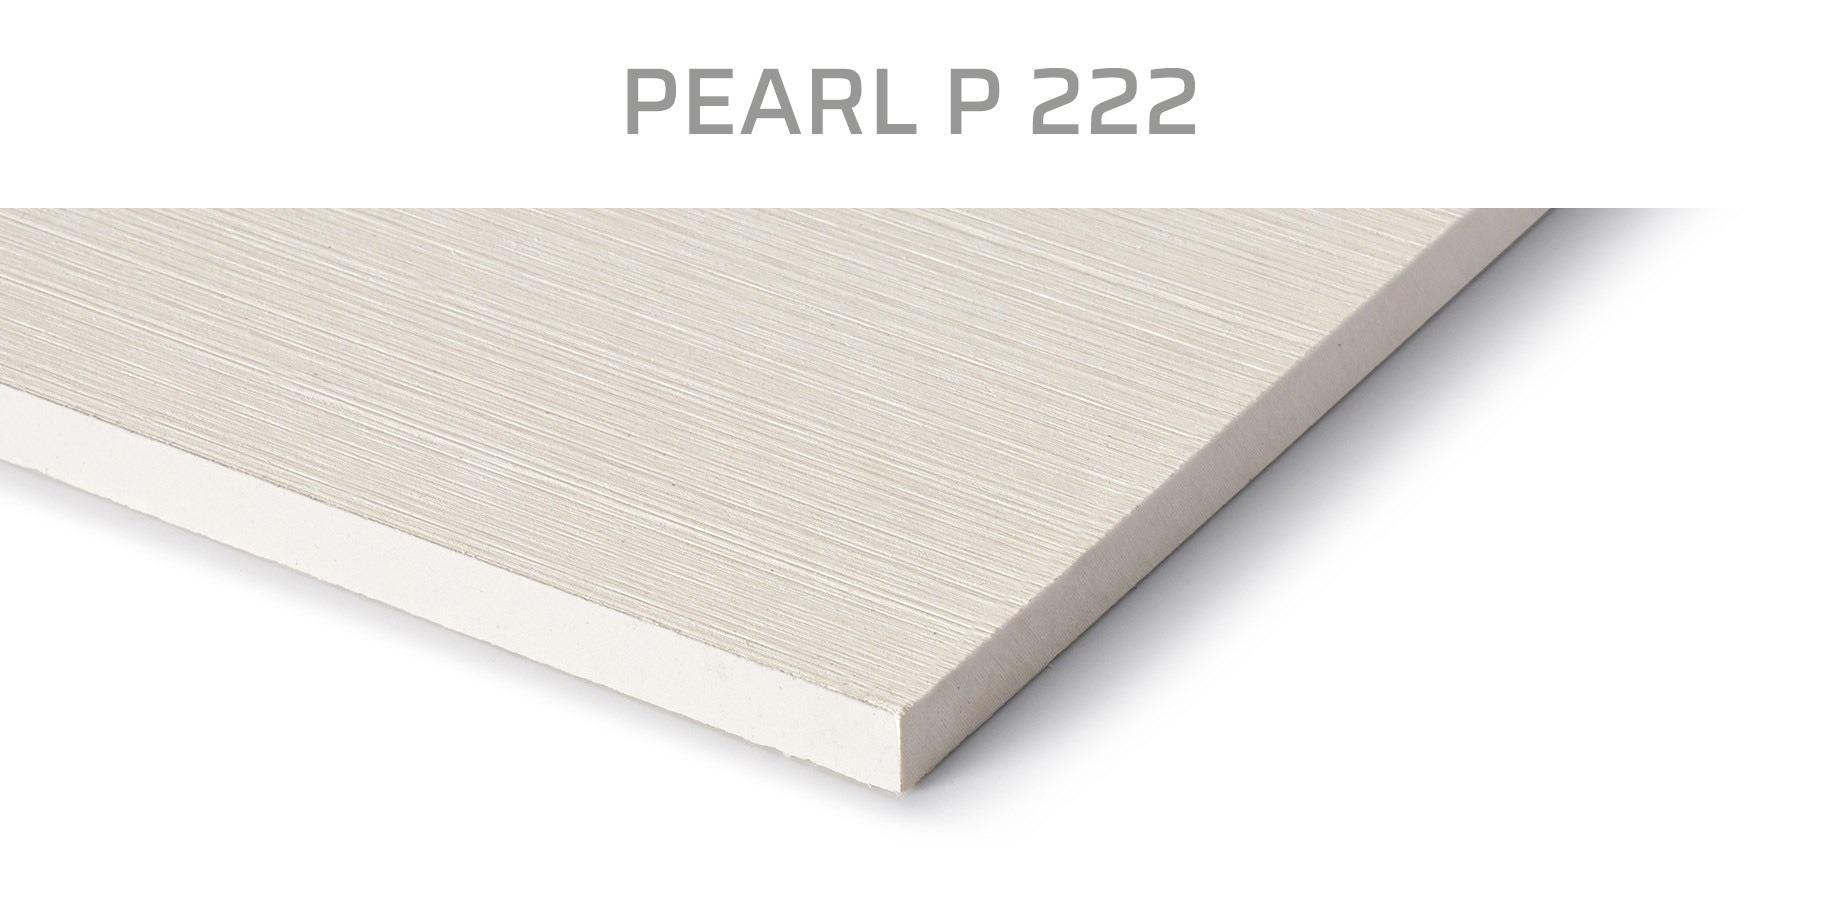 fibre cement board pearl